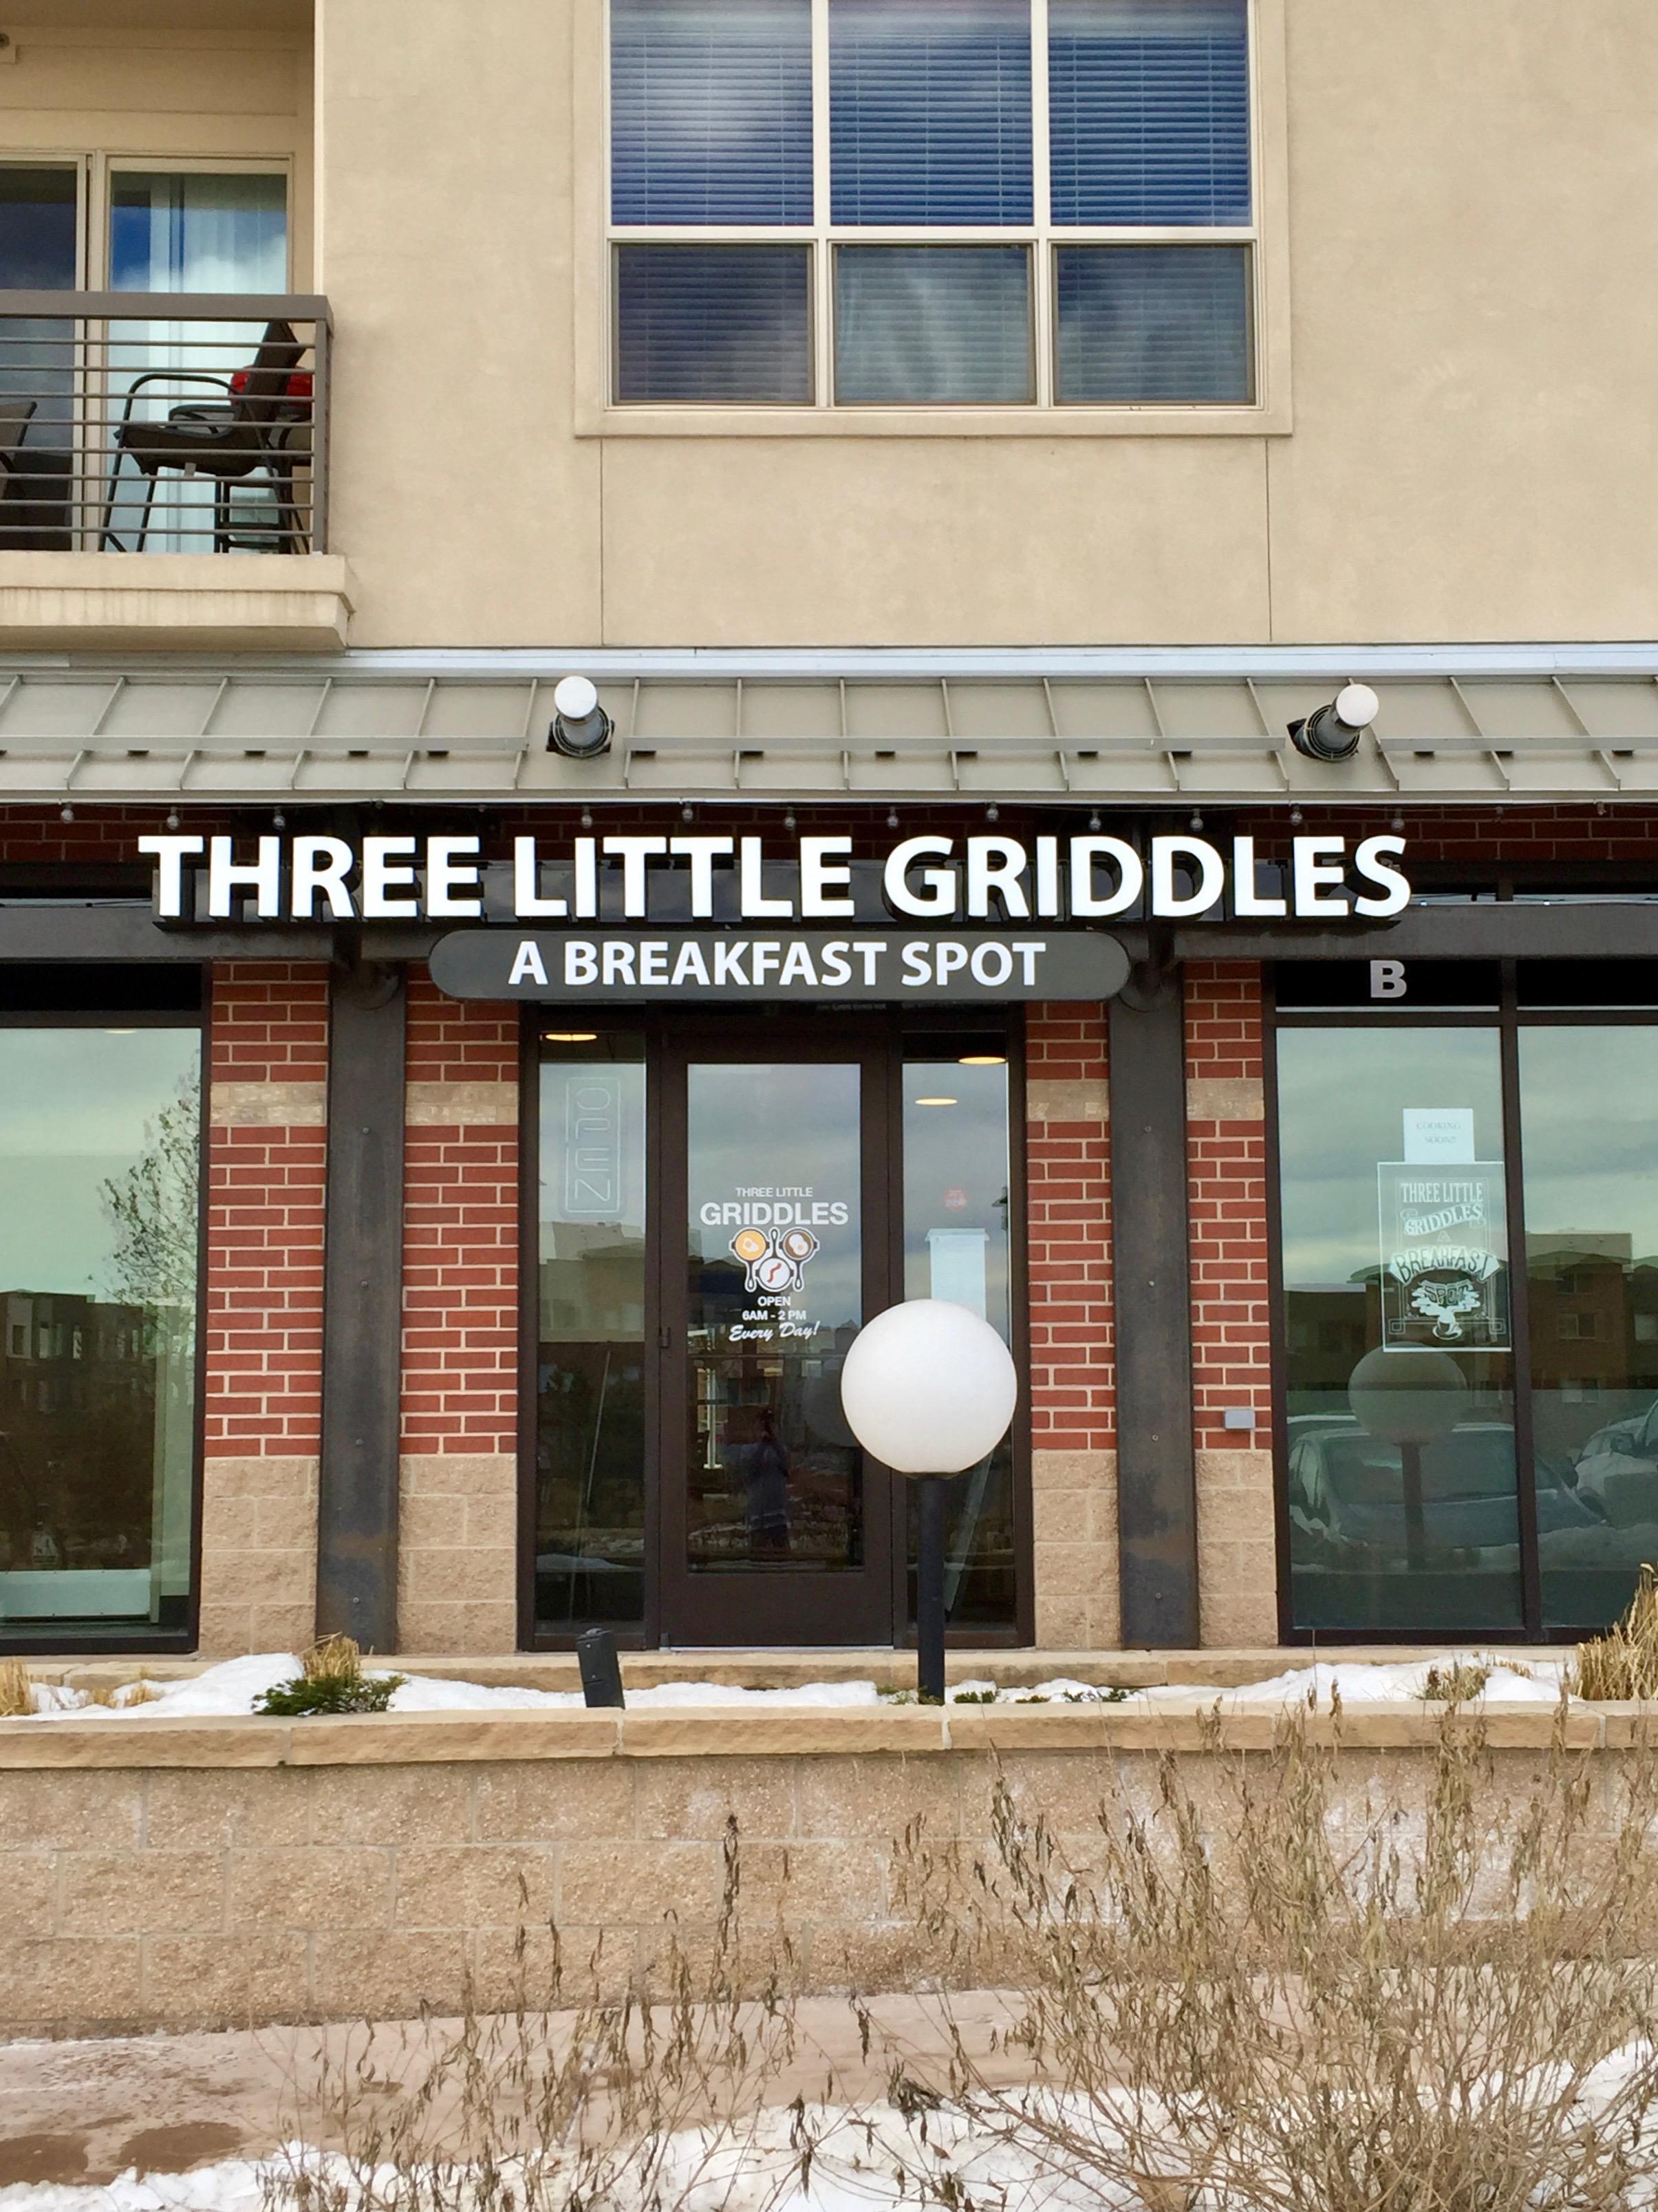 Chan_ThreeLittleGriddles